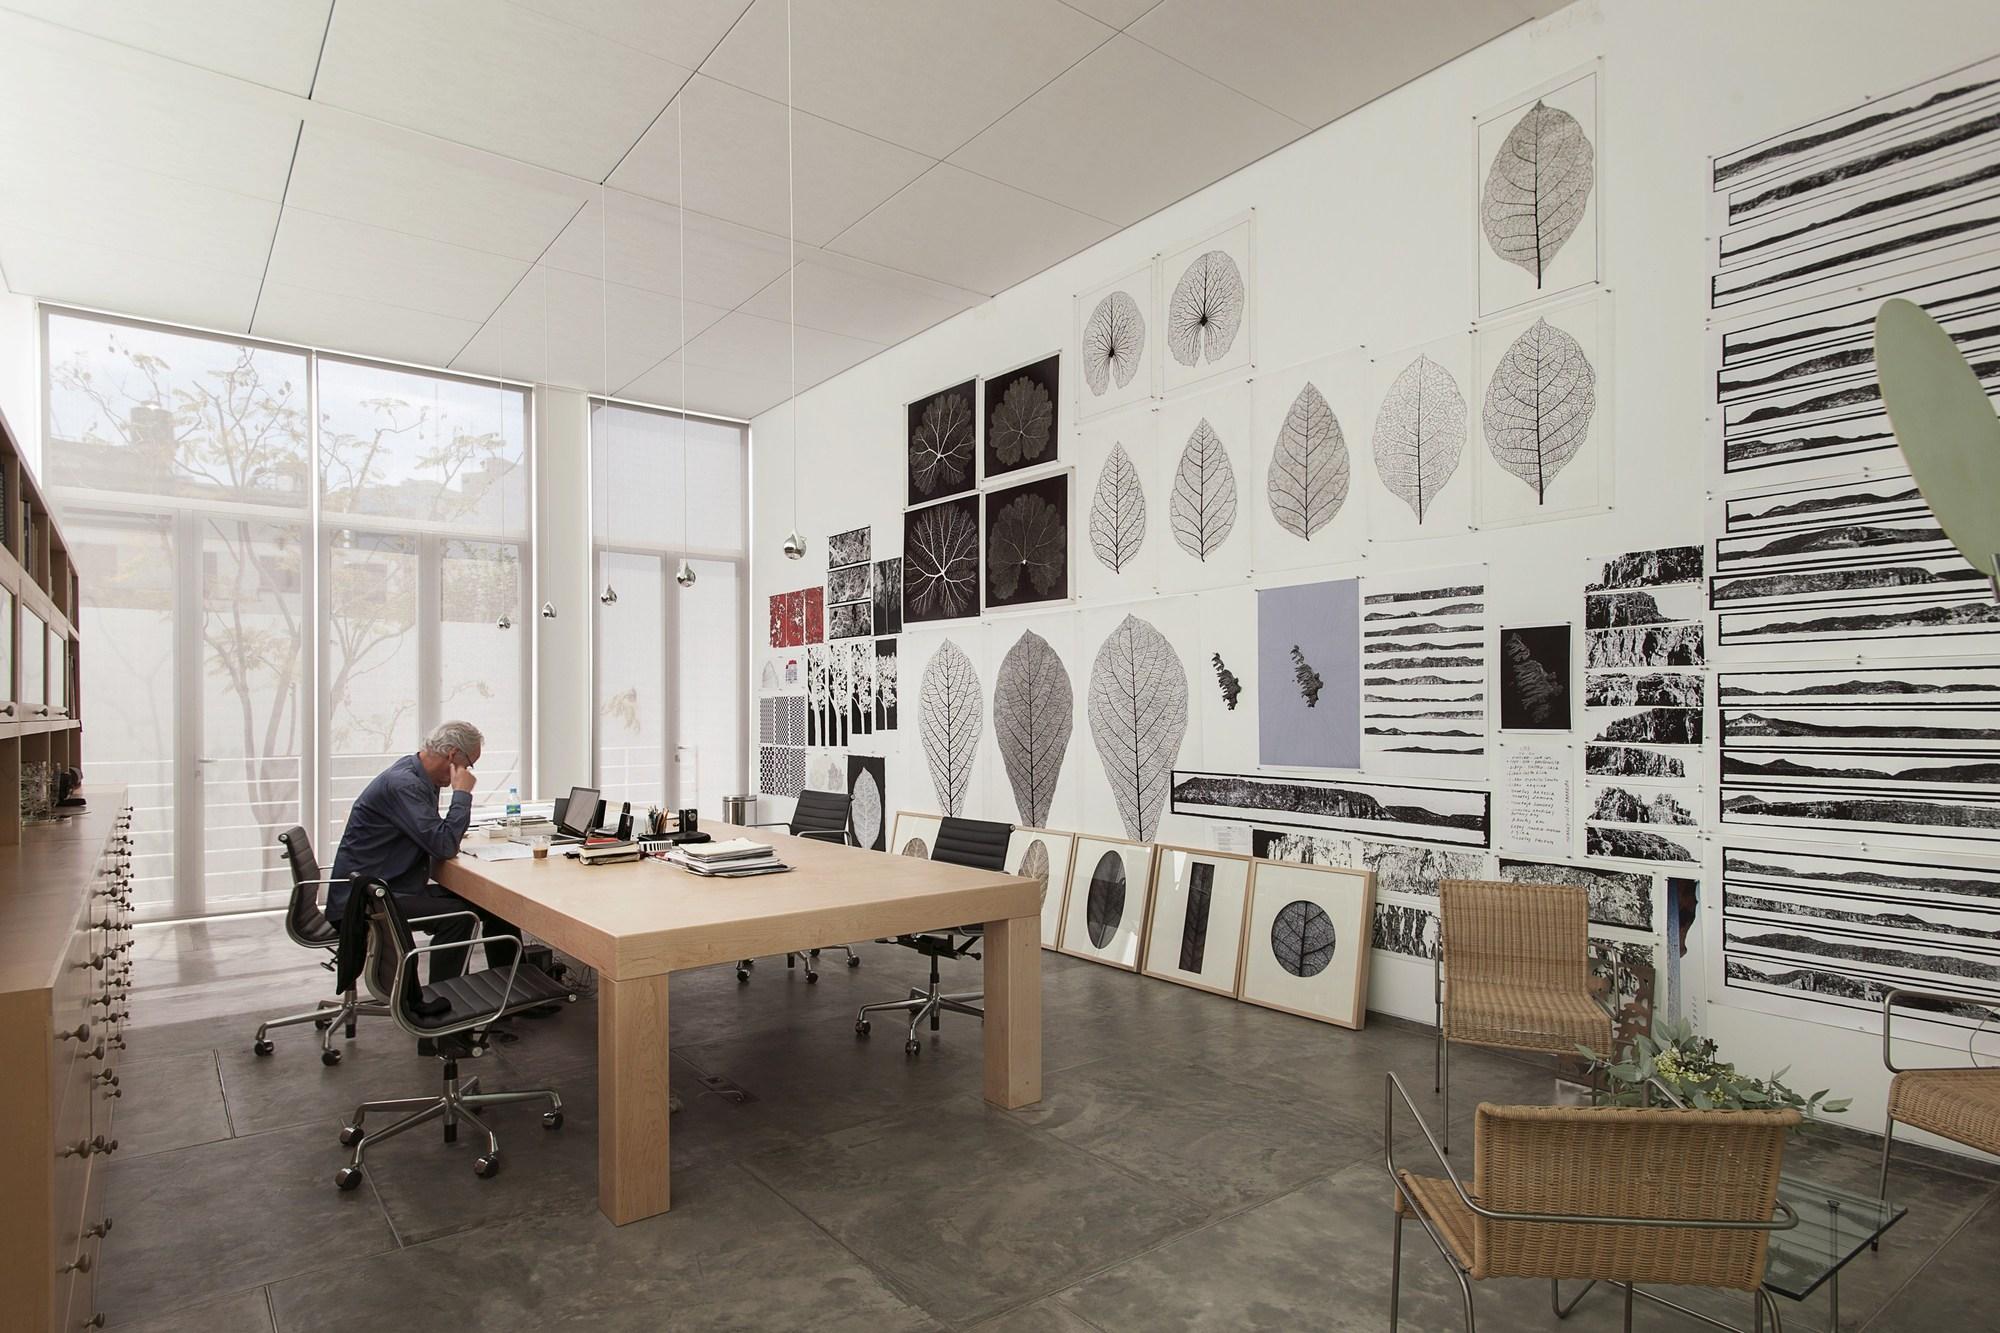 Galer a de casa estudio hxmx bgp arquitectura 9 for Casa estudio arquitectura